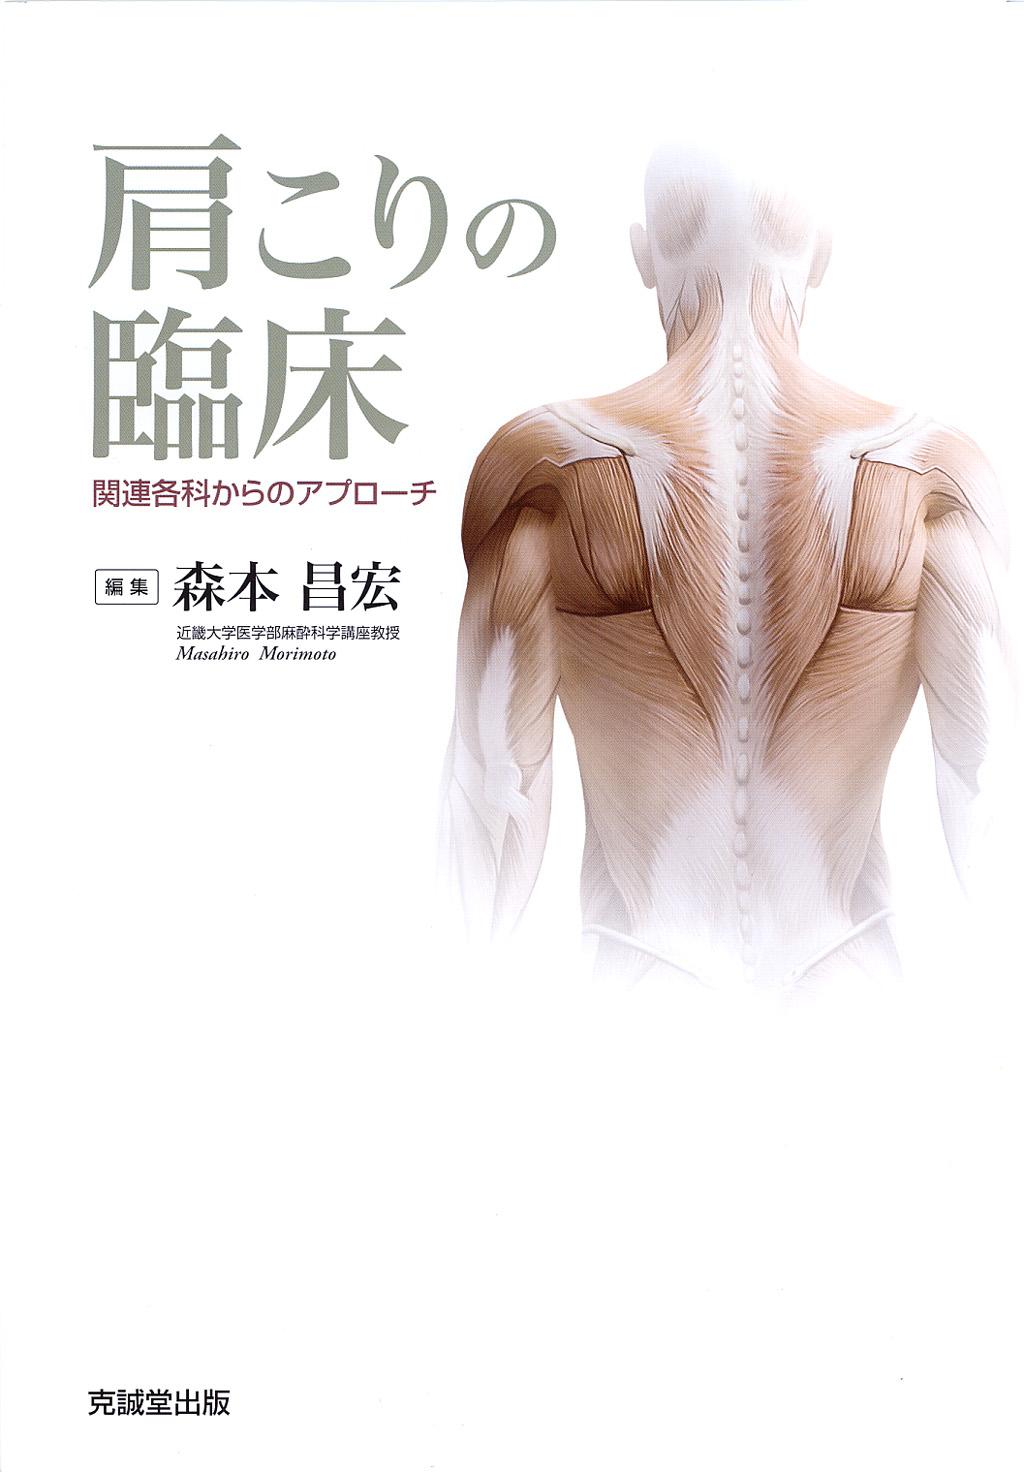 肩こりの臨床